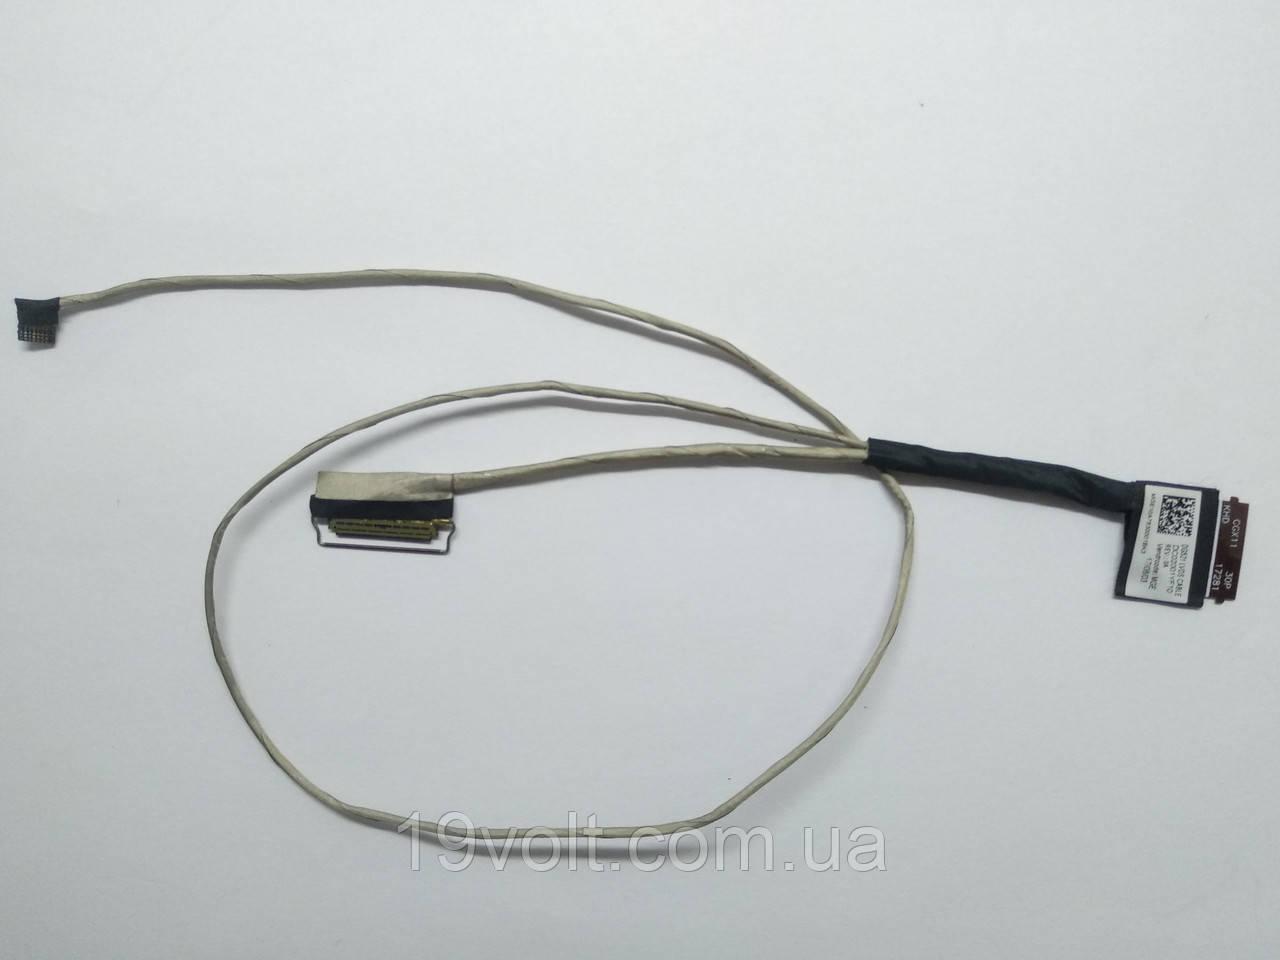 Шлейф  DC02001YF10 rev:oa для Lenovo IdeaPad 320-15 320-15ikb 320-15iap 320-15abr